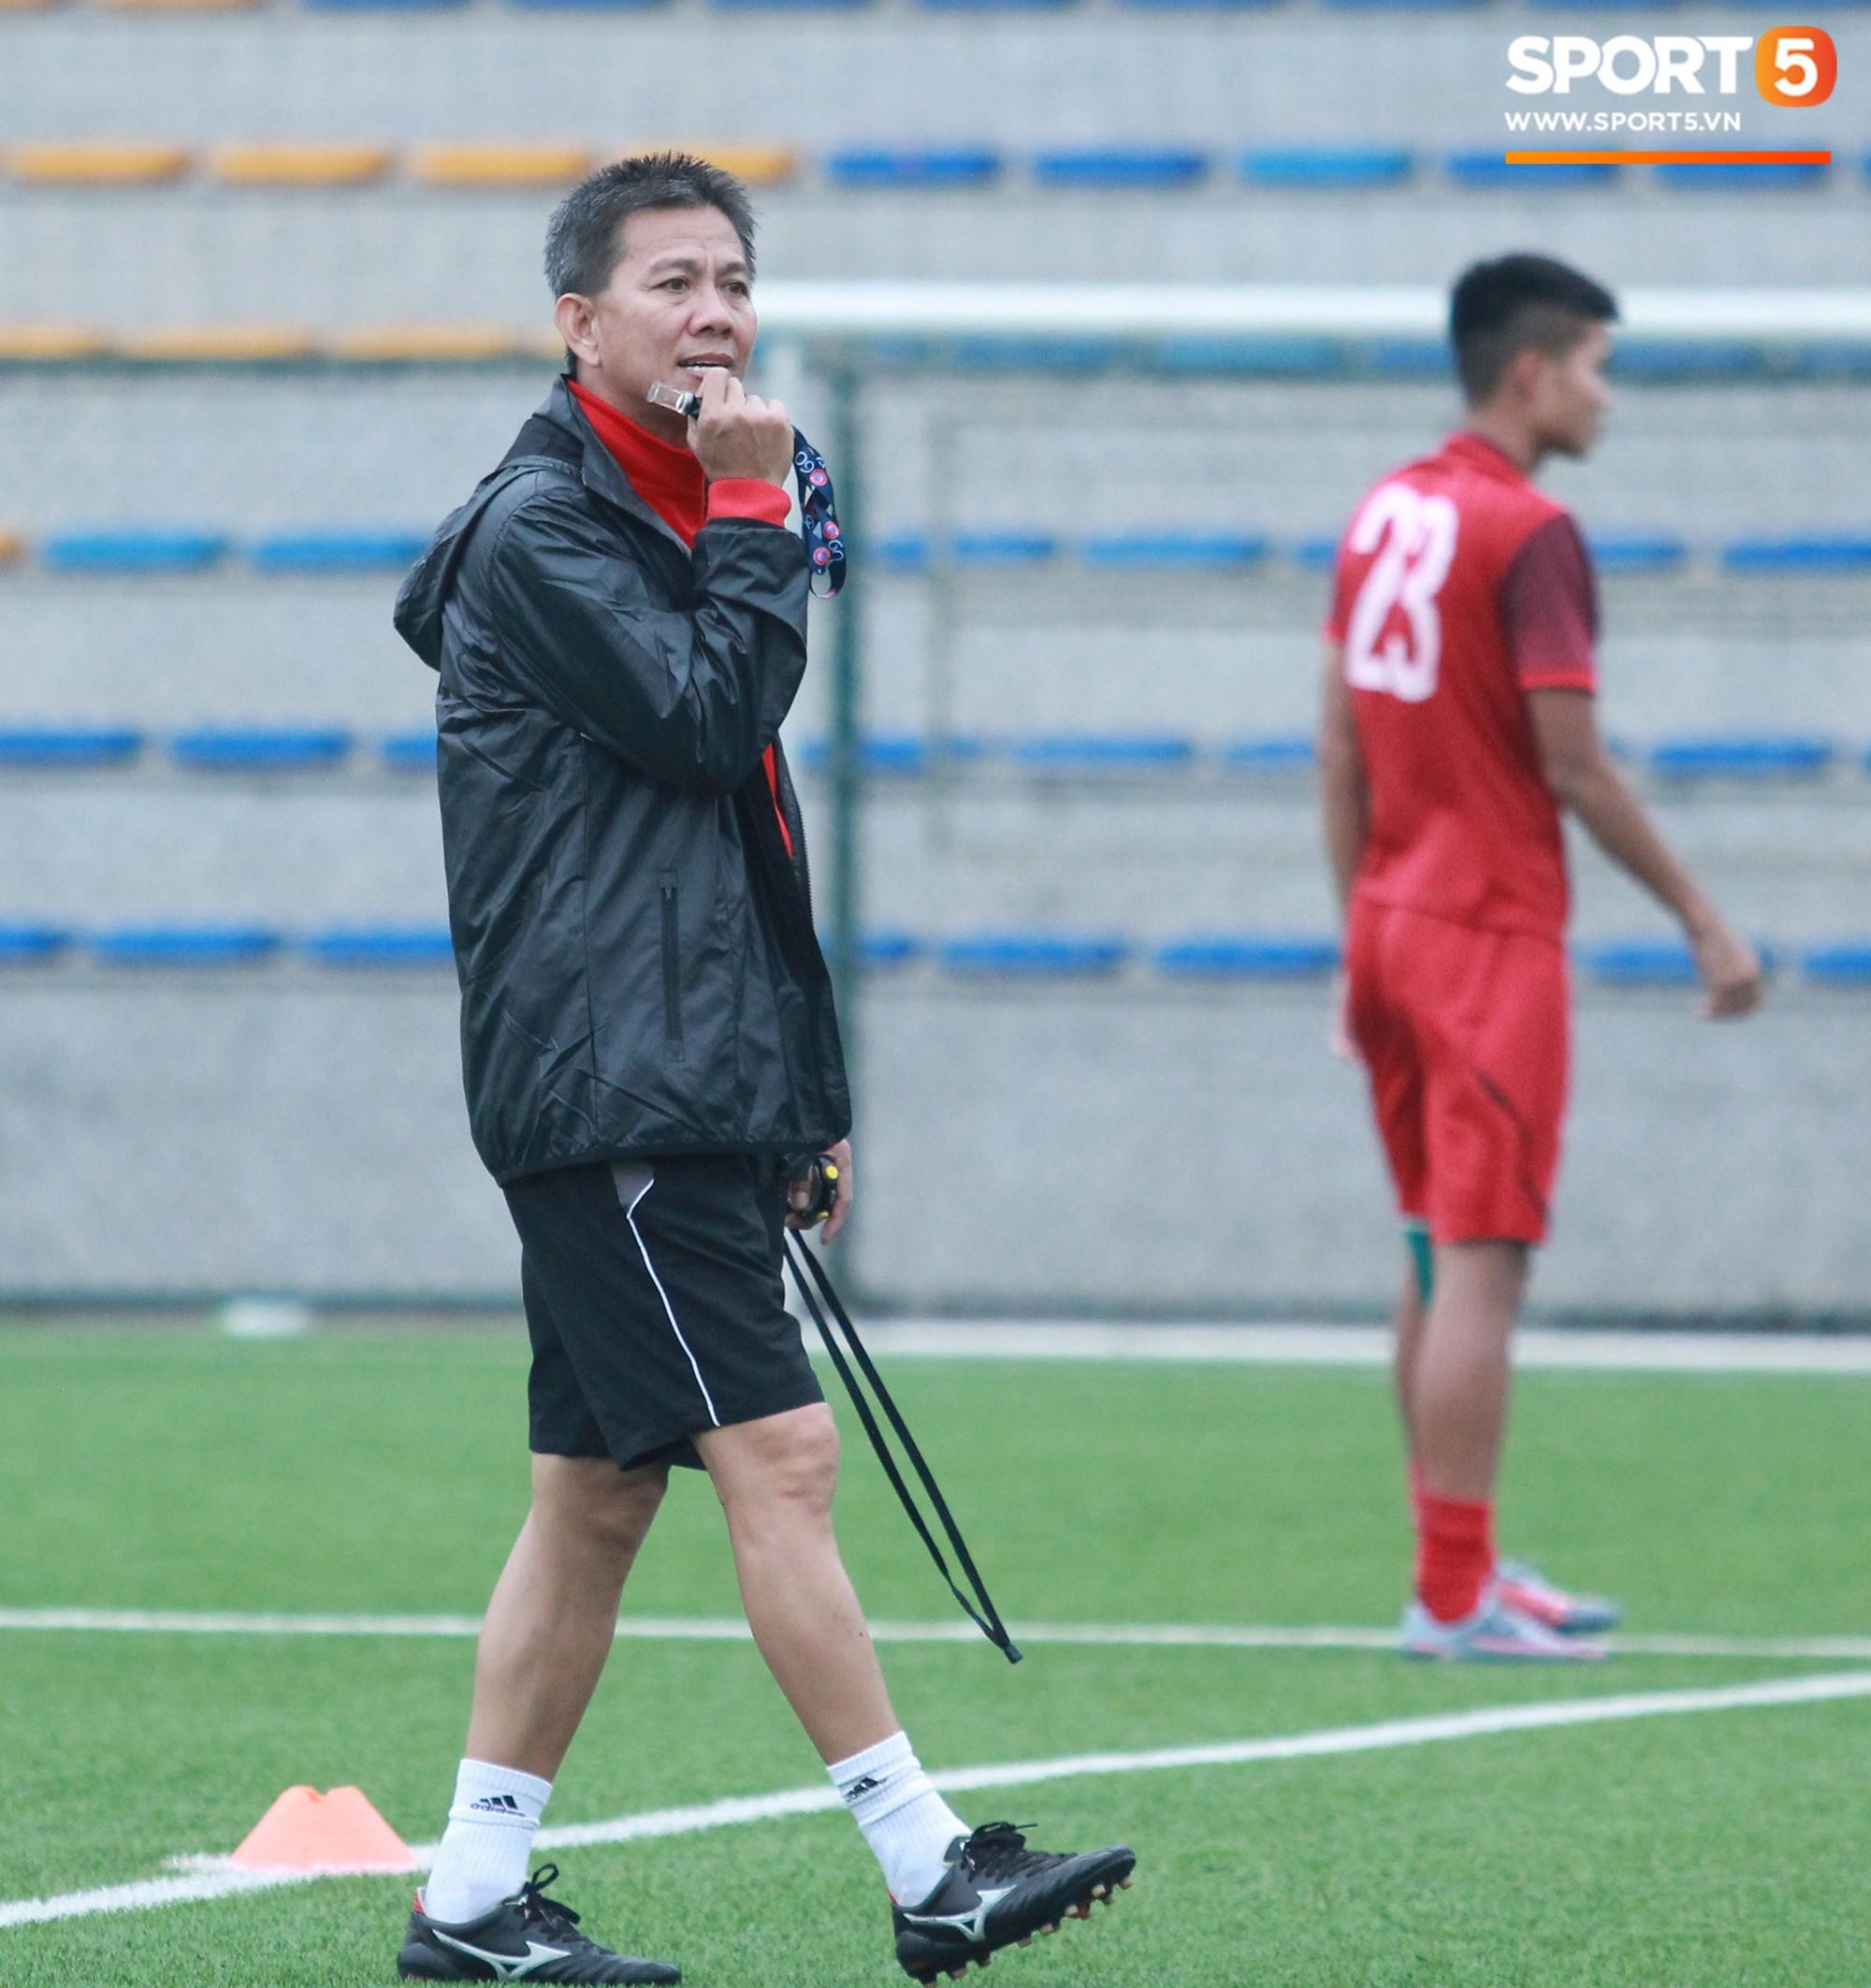 U18 Việt Nam tập luyện máu lửa, chờ ngày ra mắt tại giải tứ hùng ở Trung Quốc - Ảnh 2.